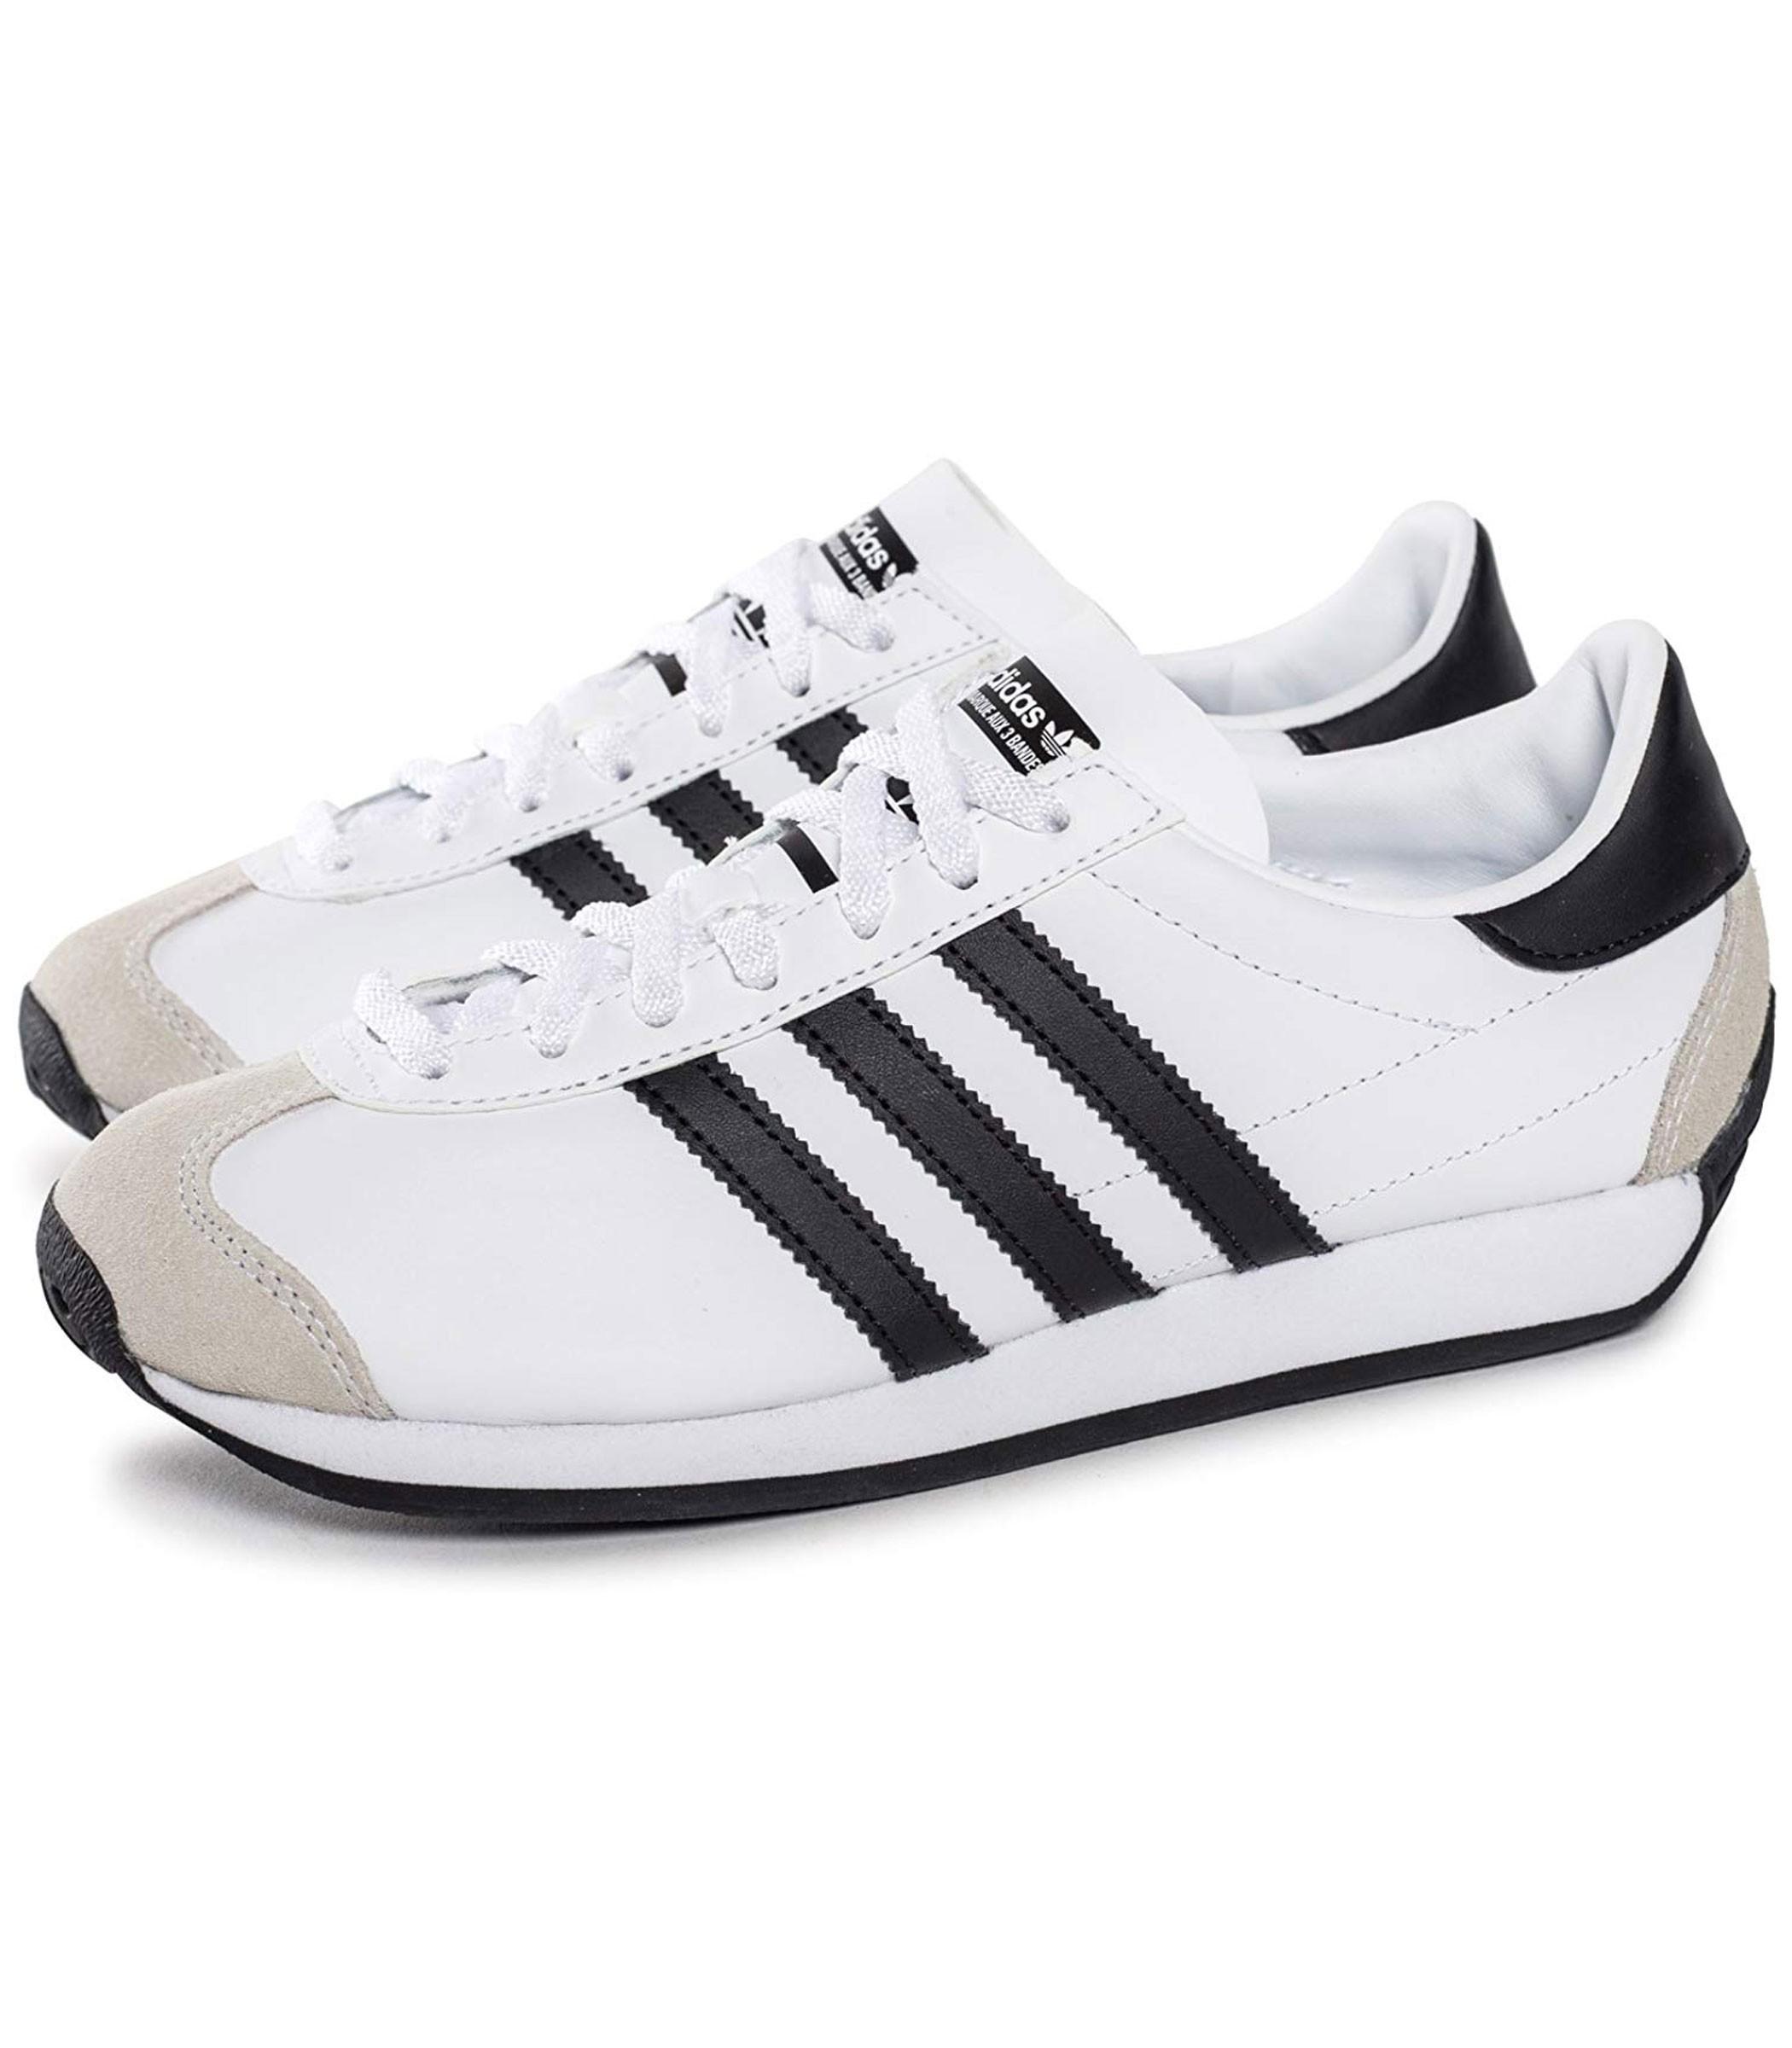 adidas scarpe country